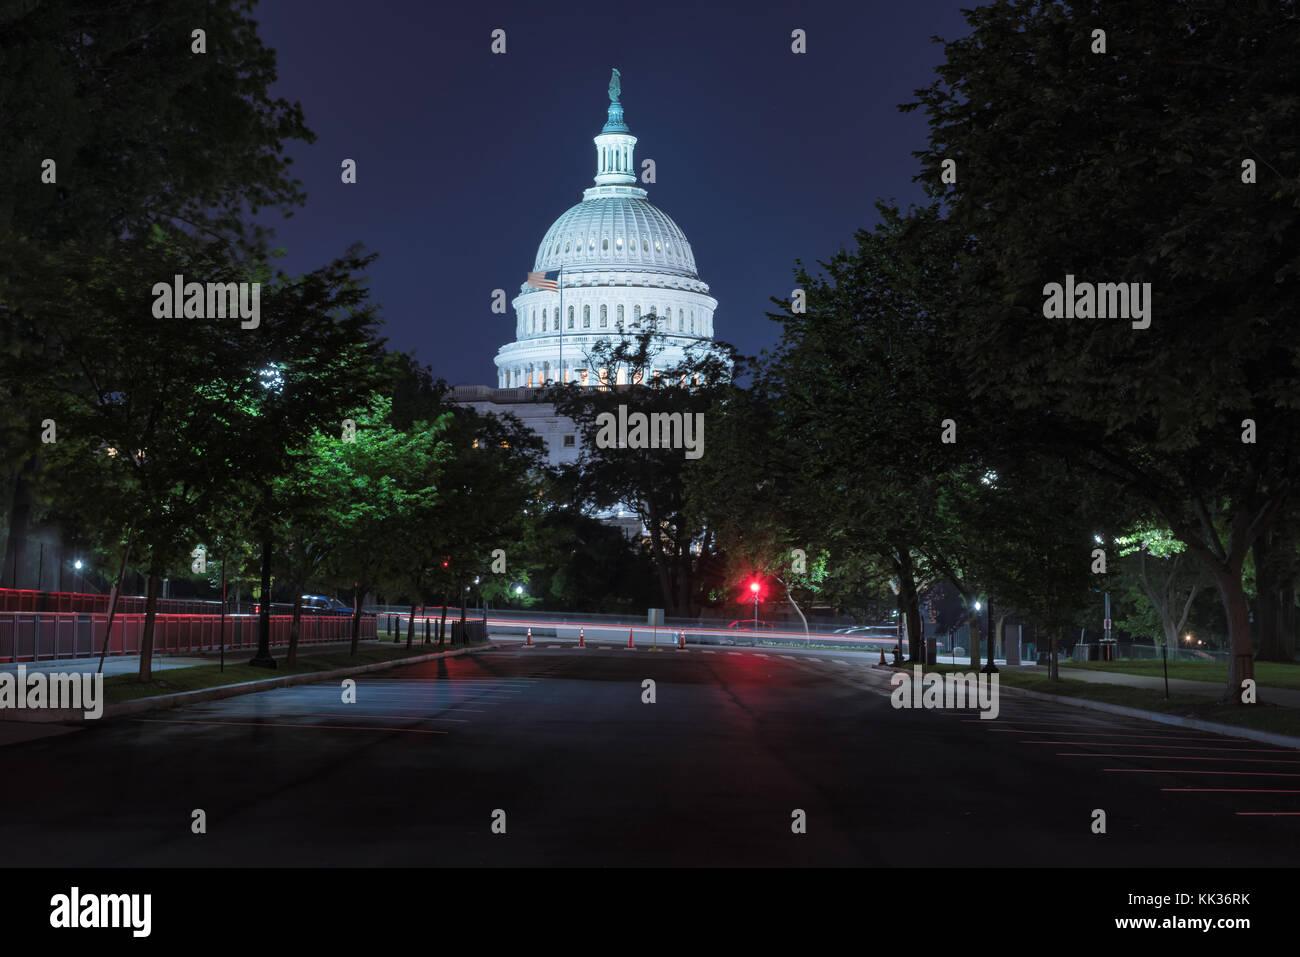 Nosotros del edificio del Capitolio en Washington D.C. Foto de stock